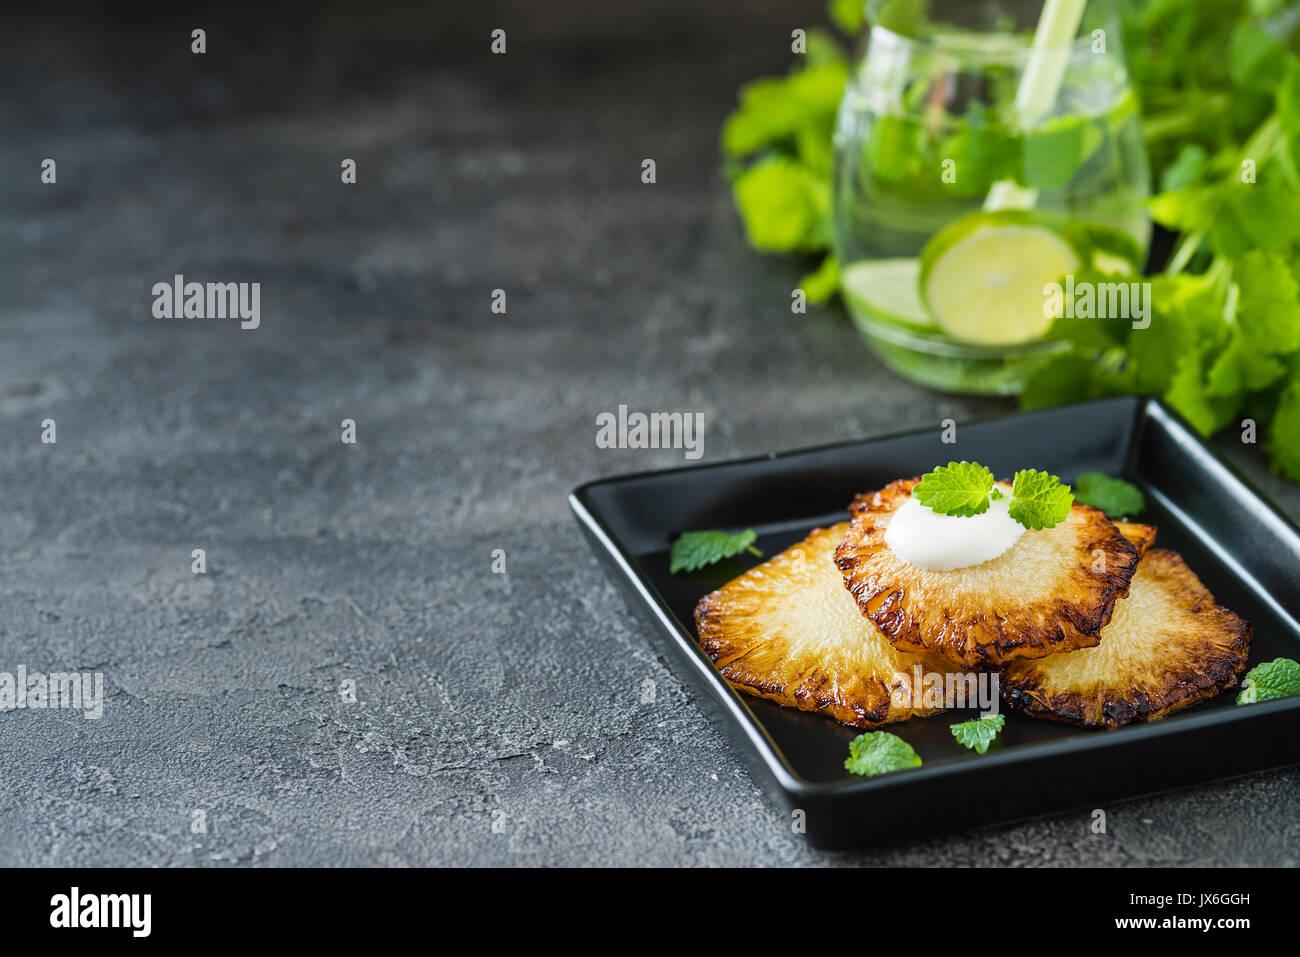 Frire les tranches d'ananas avec crème fraîche, menthe sur fond sombre. Copy space Photo Stock